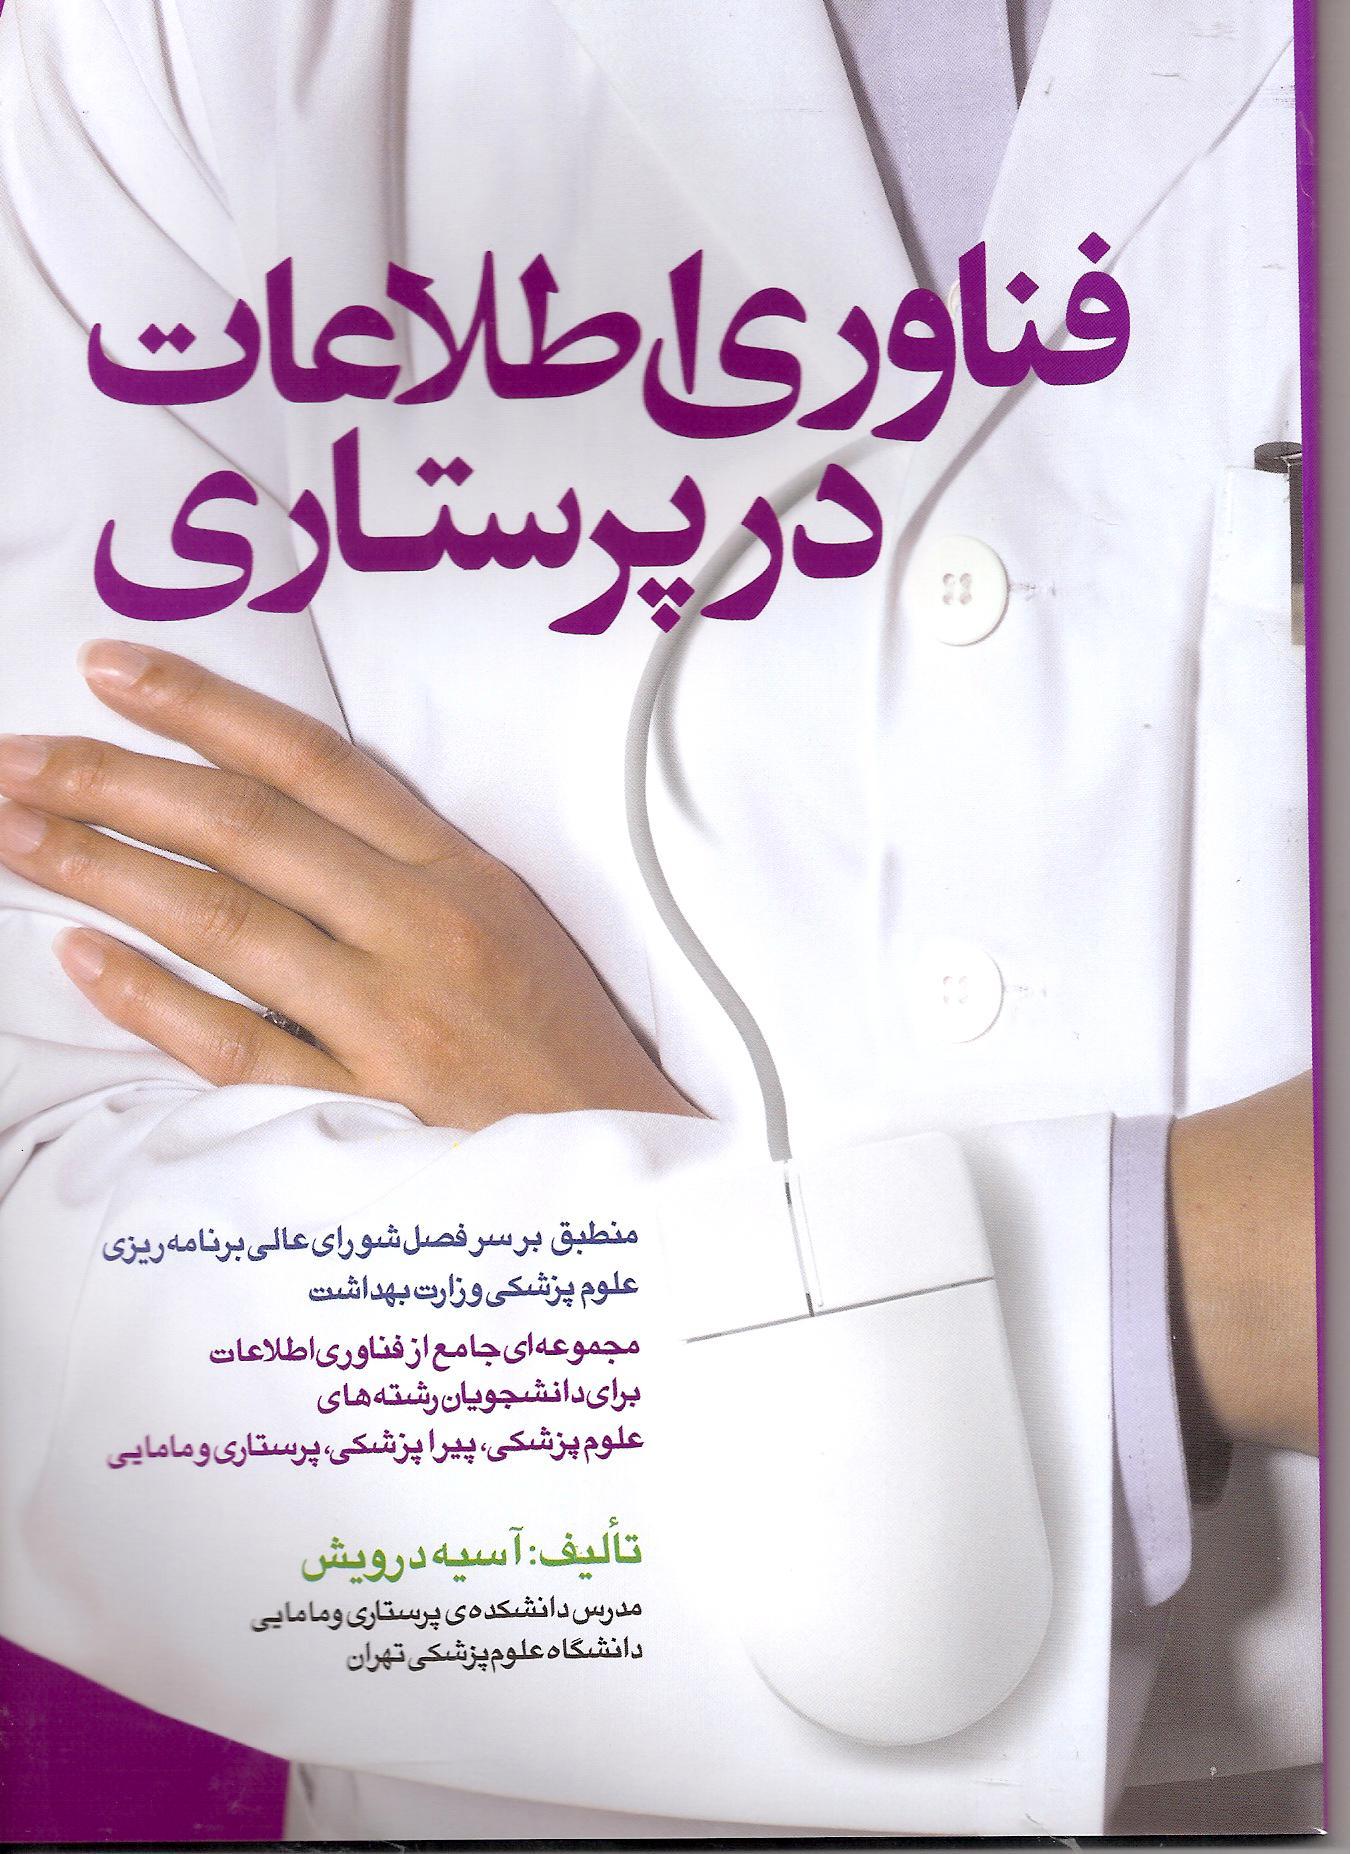 انتشار کتاب فناوری اطلاعات در پرستاری